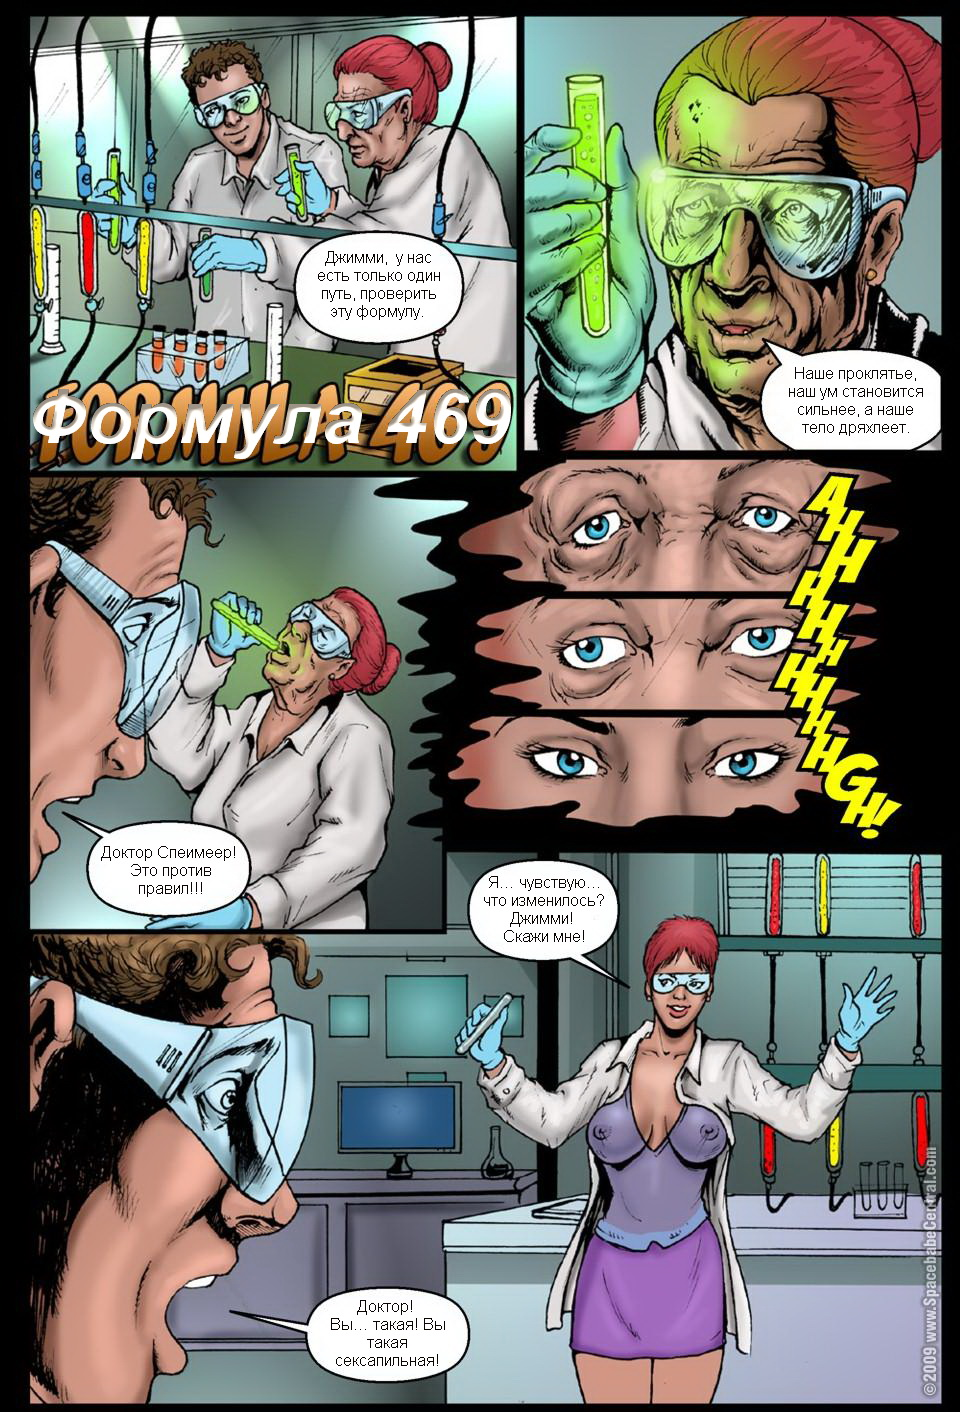 Формула 469-эротический порно комикс